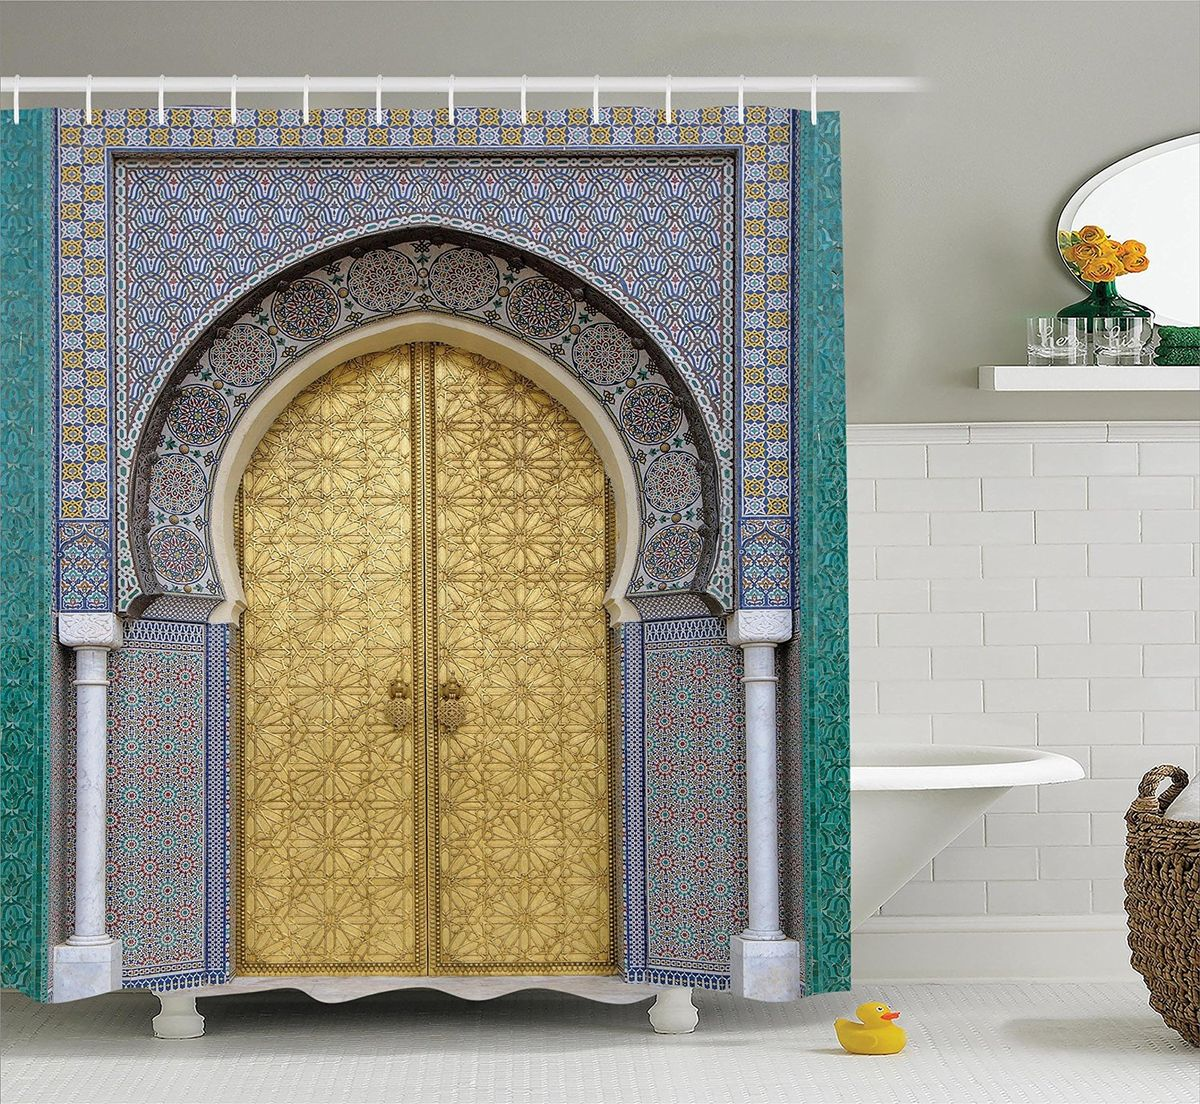 Штора для ванной комнаты Magic Lady Дверь с арабскими узорами, 180 х 200 смшв_11050Штора Magic Lady Дверь с арабскими узорами, изготовленная из высококачественного сатена (полиэстер 100%), отлично дополнит любой интерьер ванной комнаты. При изготовлении используются специальные гипоаллергенные чернила для прямой печати по ткани, безопасные для человека.В комплекте: 1 штора, 12 крючков. Обращаем ваше внимание, фактический цвет изделия может незначительно отличаться от представленного на фото.